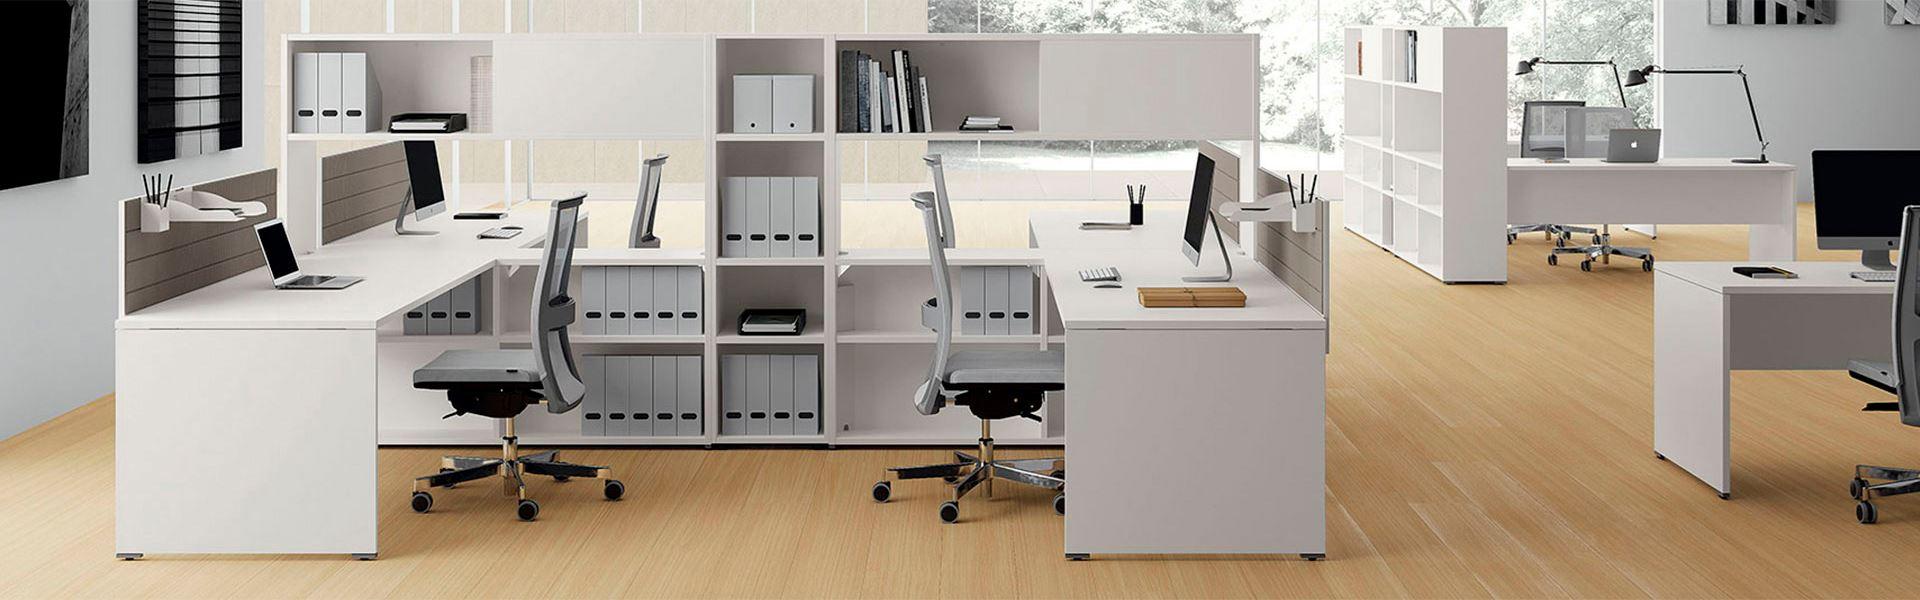 Arredamento-Ufficio